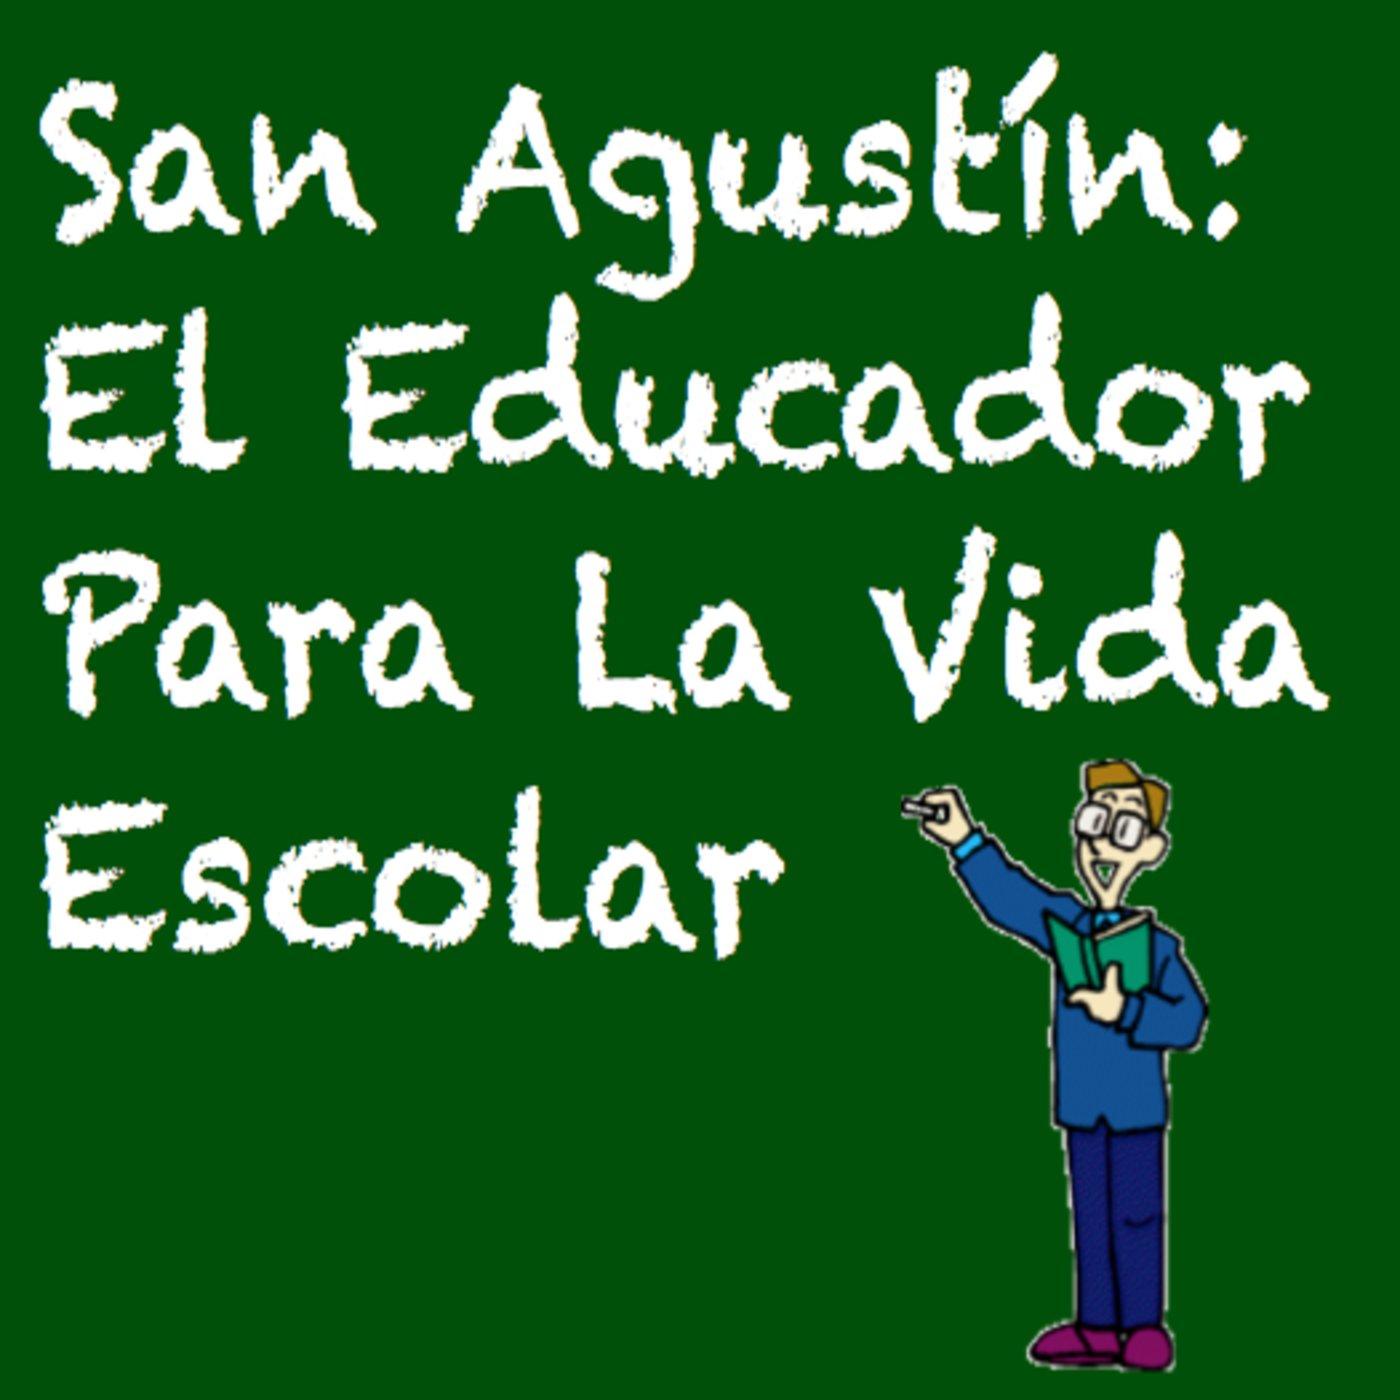 <![CDATA[San Agustín El Educador Para La Vida Escolar]]>